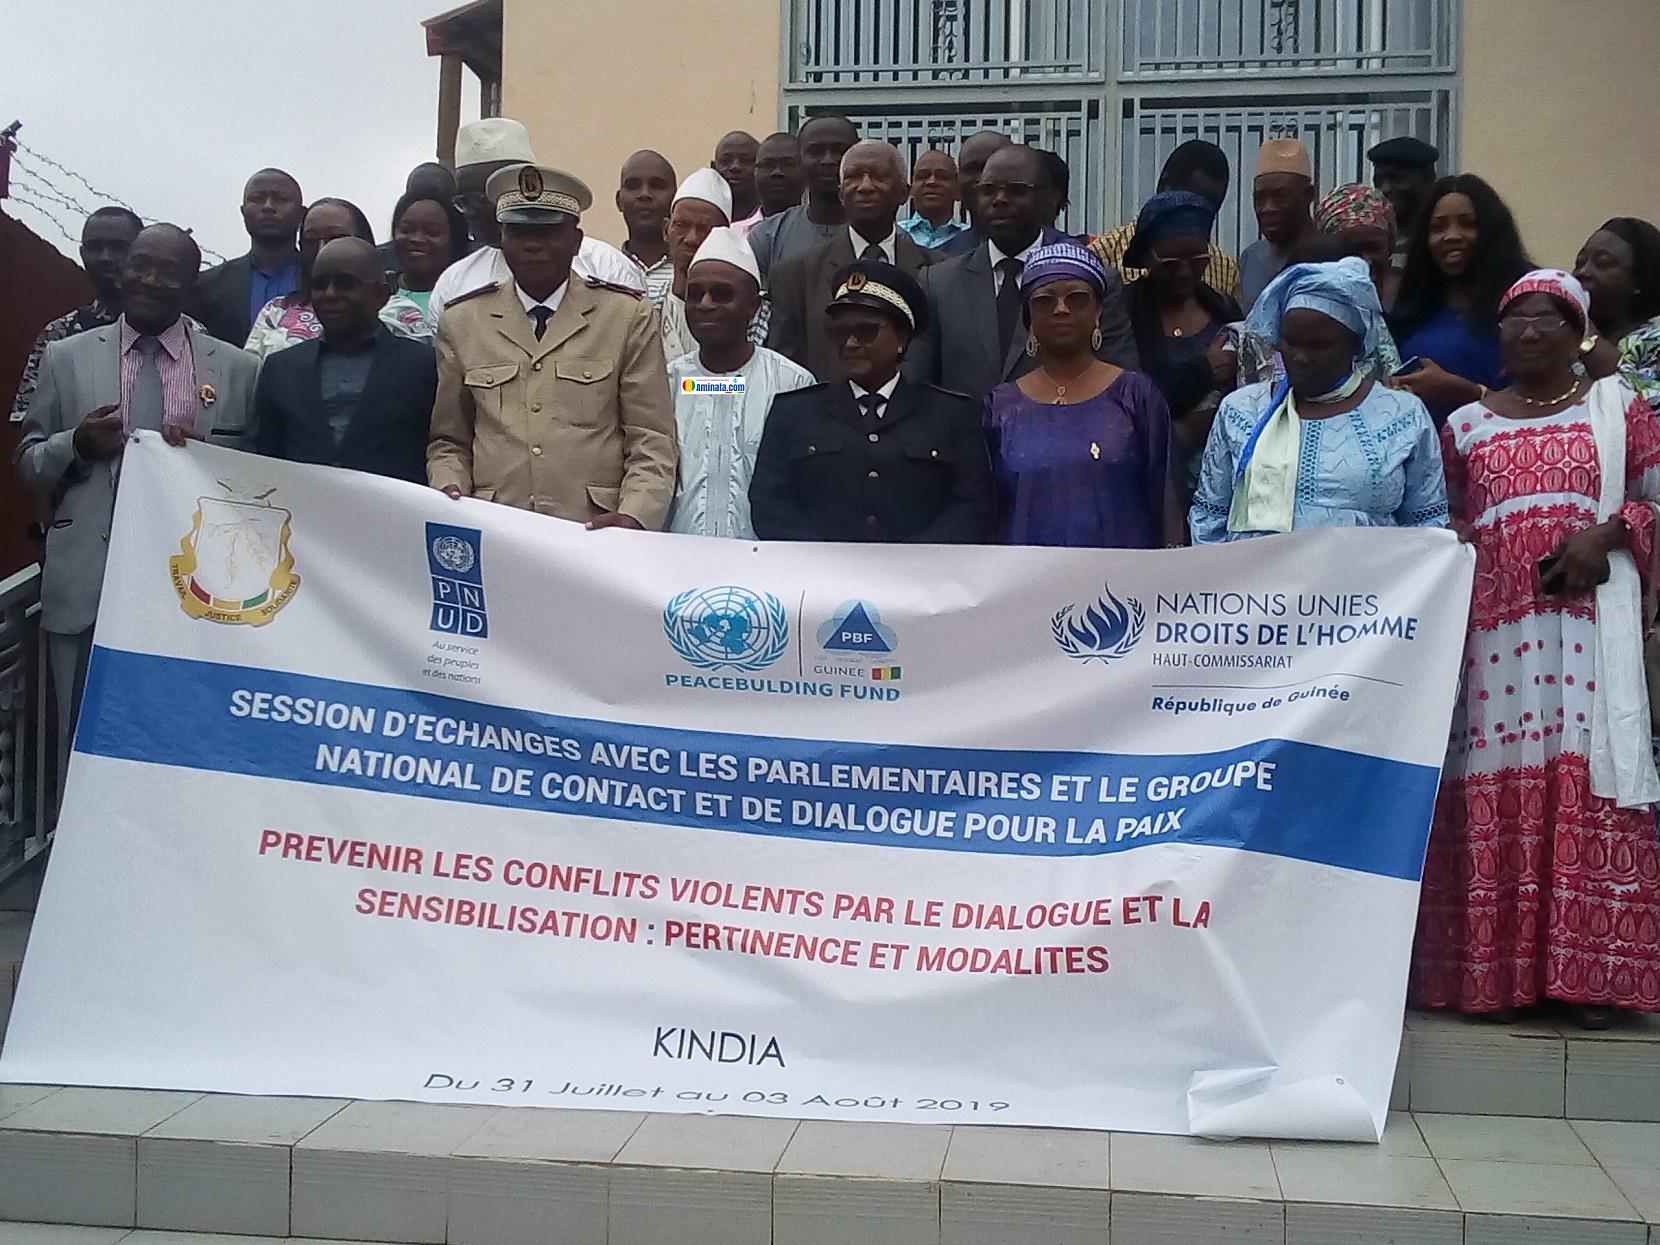 Des participants à la session d'échanges sur la prévention des conflits